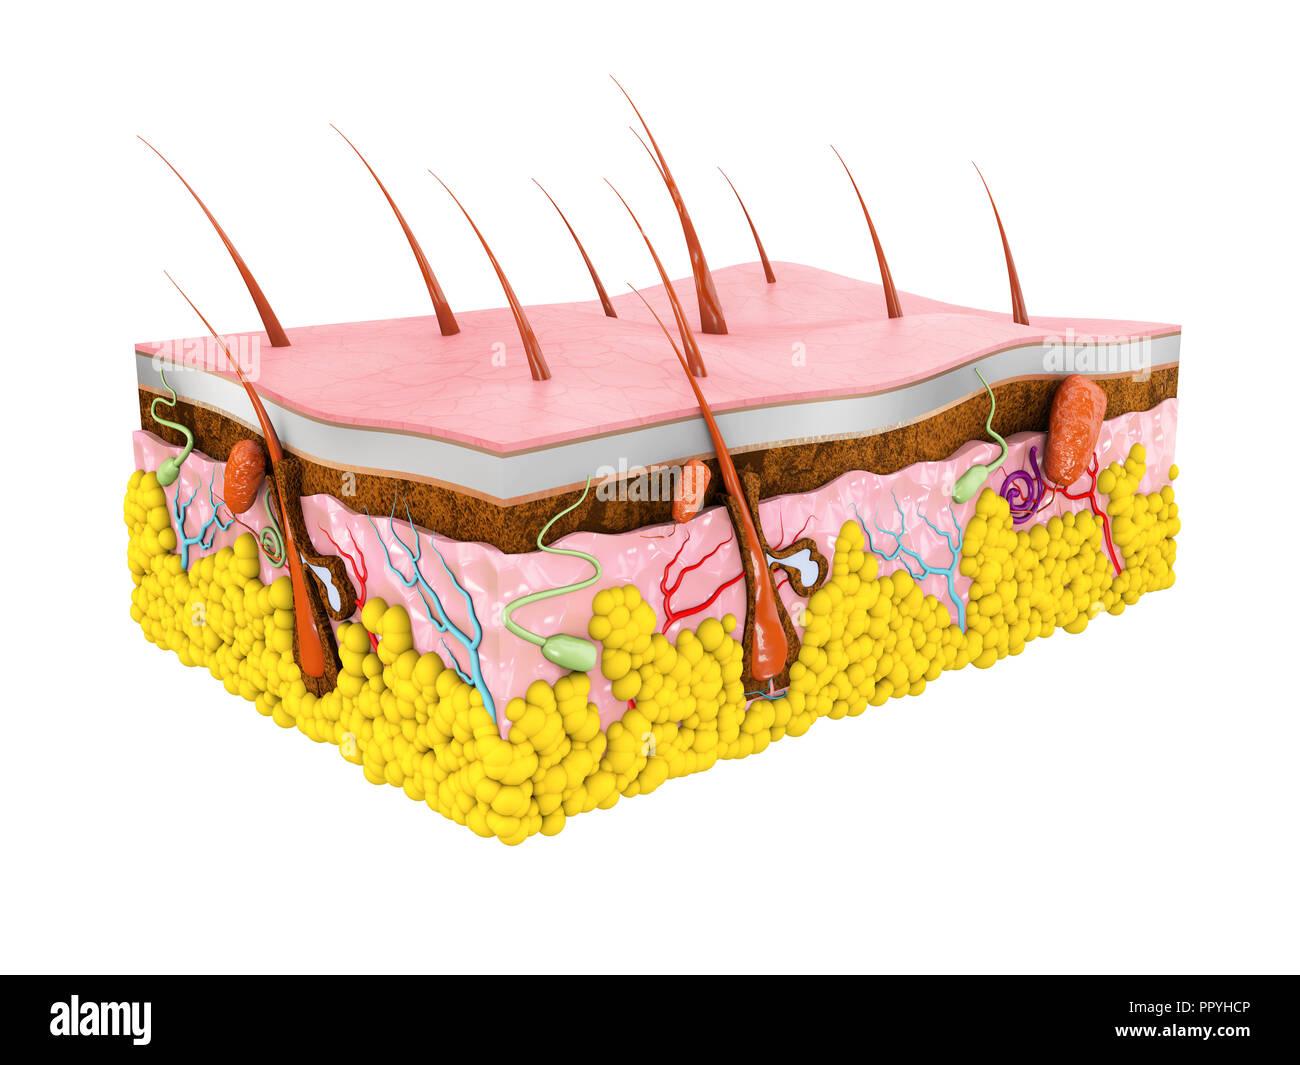 La pelle umana anatomia 3d illustrazione isolato sfondo bianco Immagini Stock